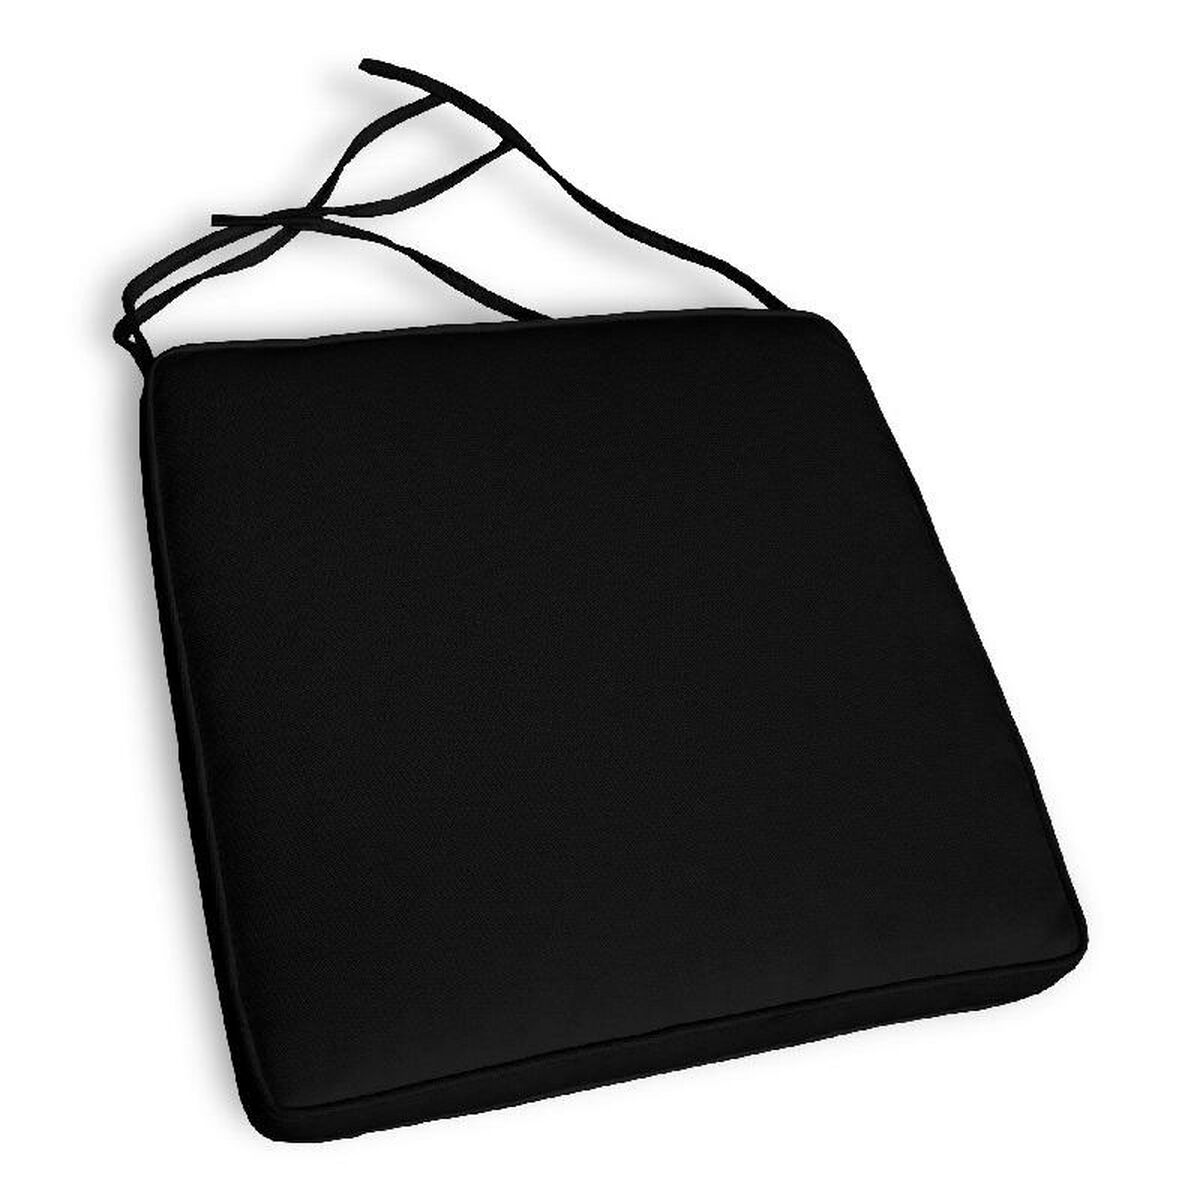 Compamia Capri Arm Chair Cushion Black Isp820 C 5408